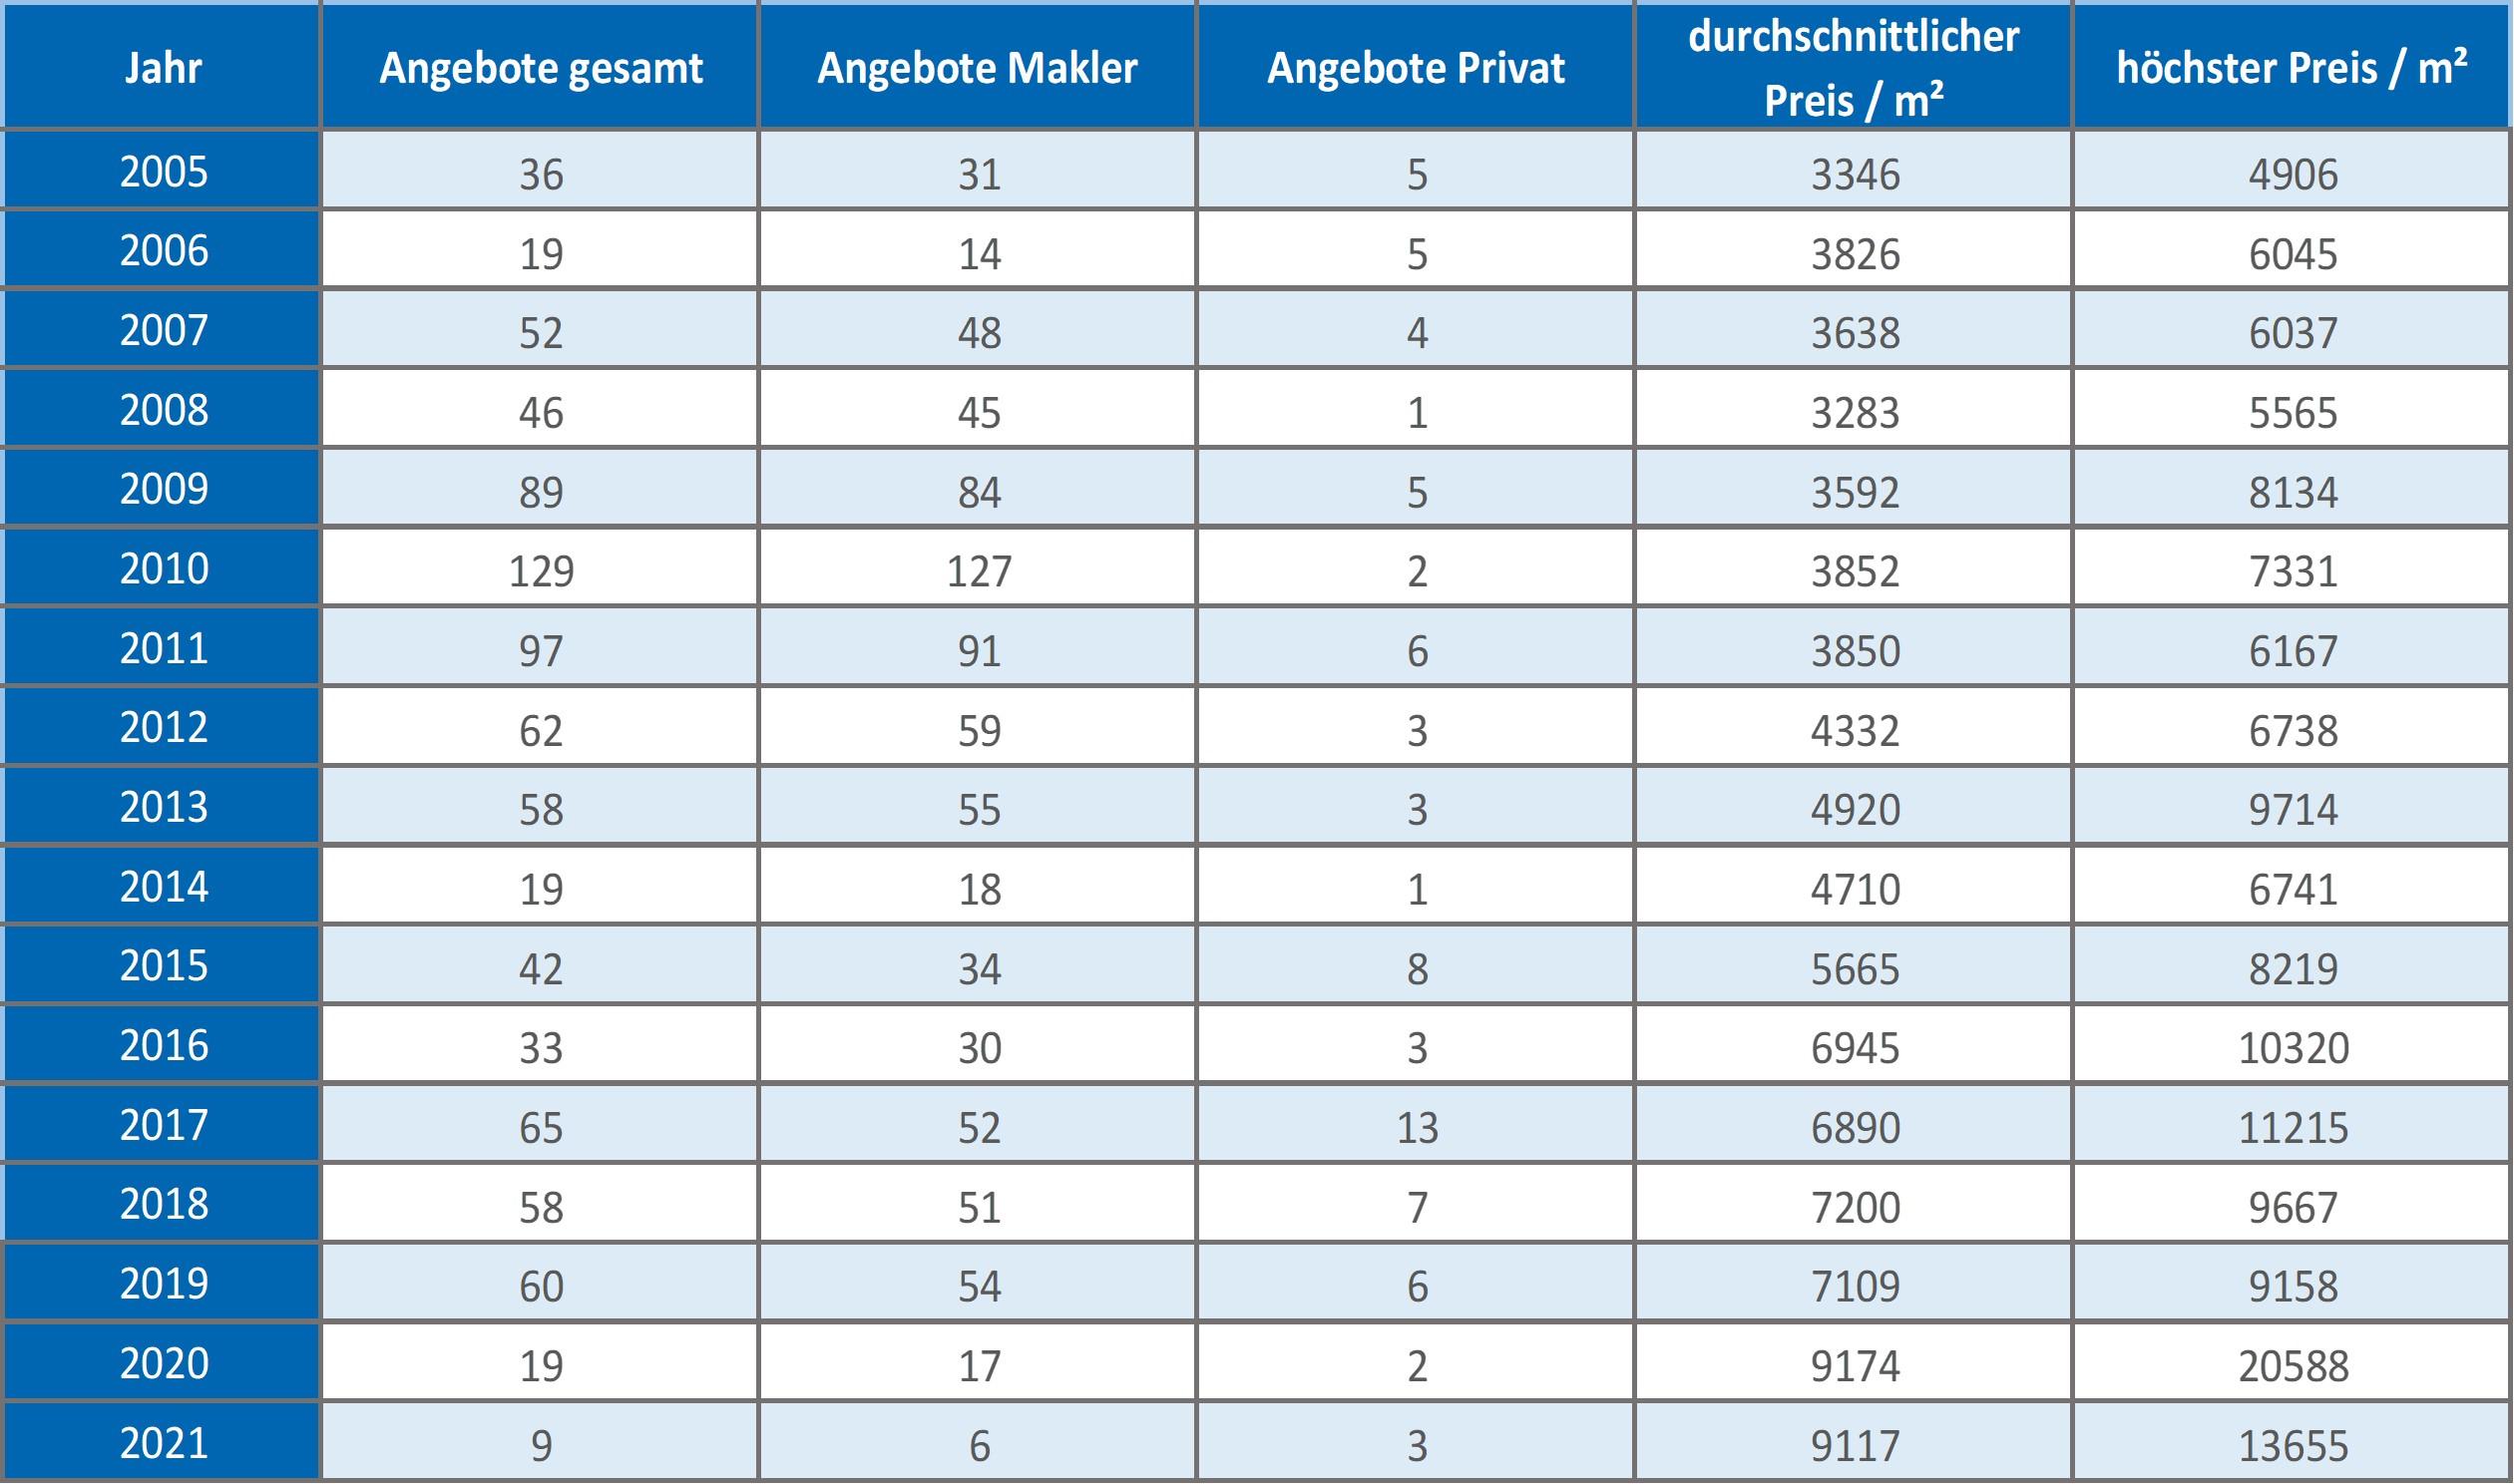 Baierbrunn-Haus-kaufen-verkaufen-Makler 2019, 2020, 2021